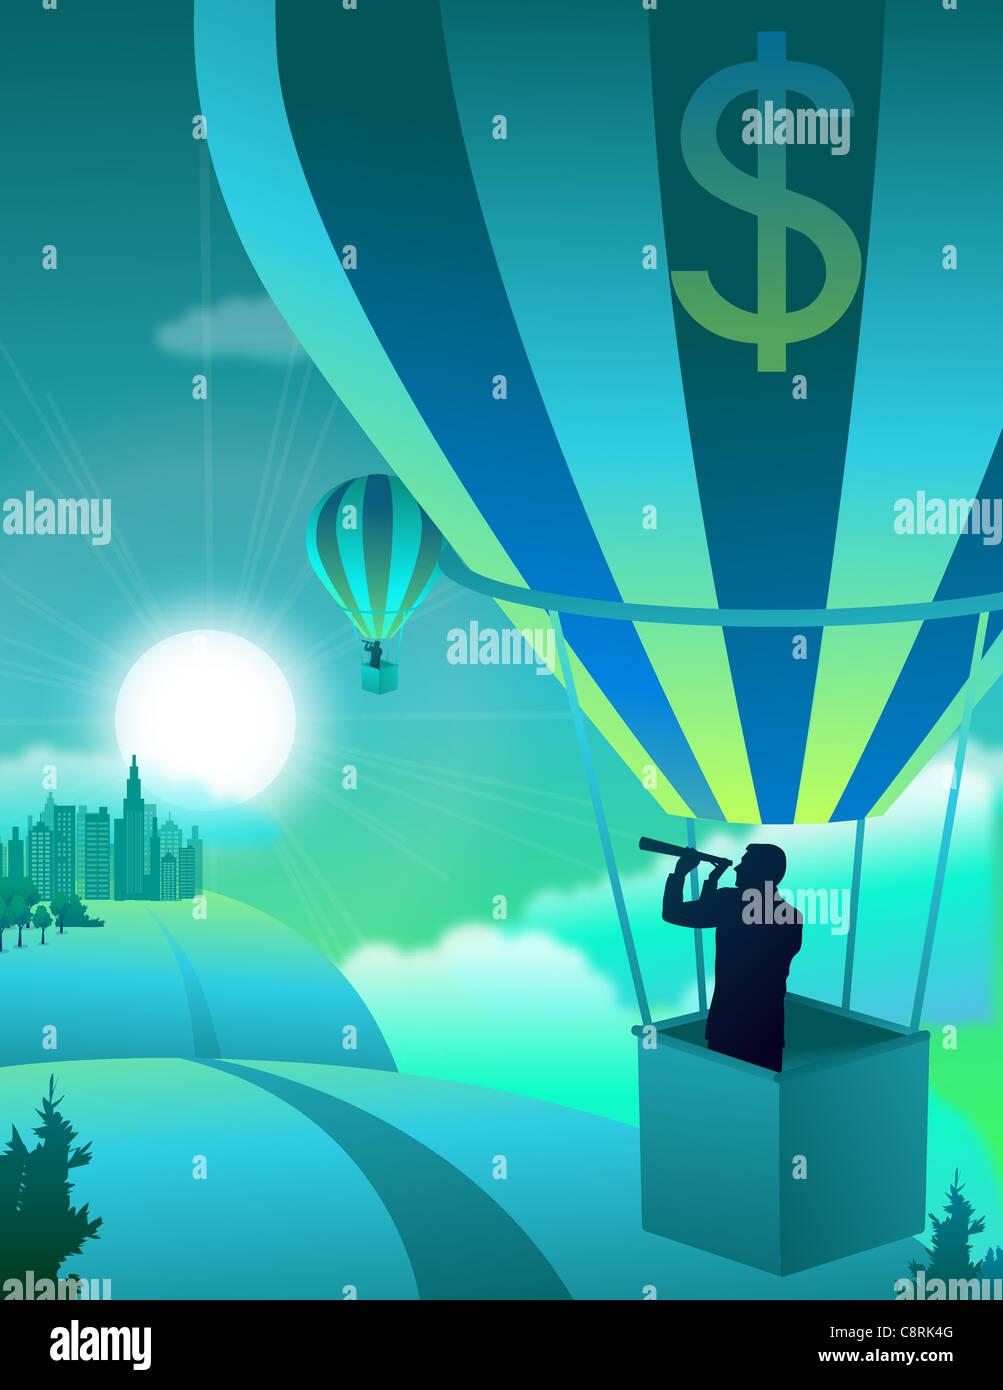 Ilustración del hombre con telescopio en paracaídas Imagen De Stock